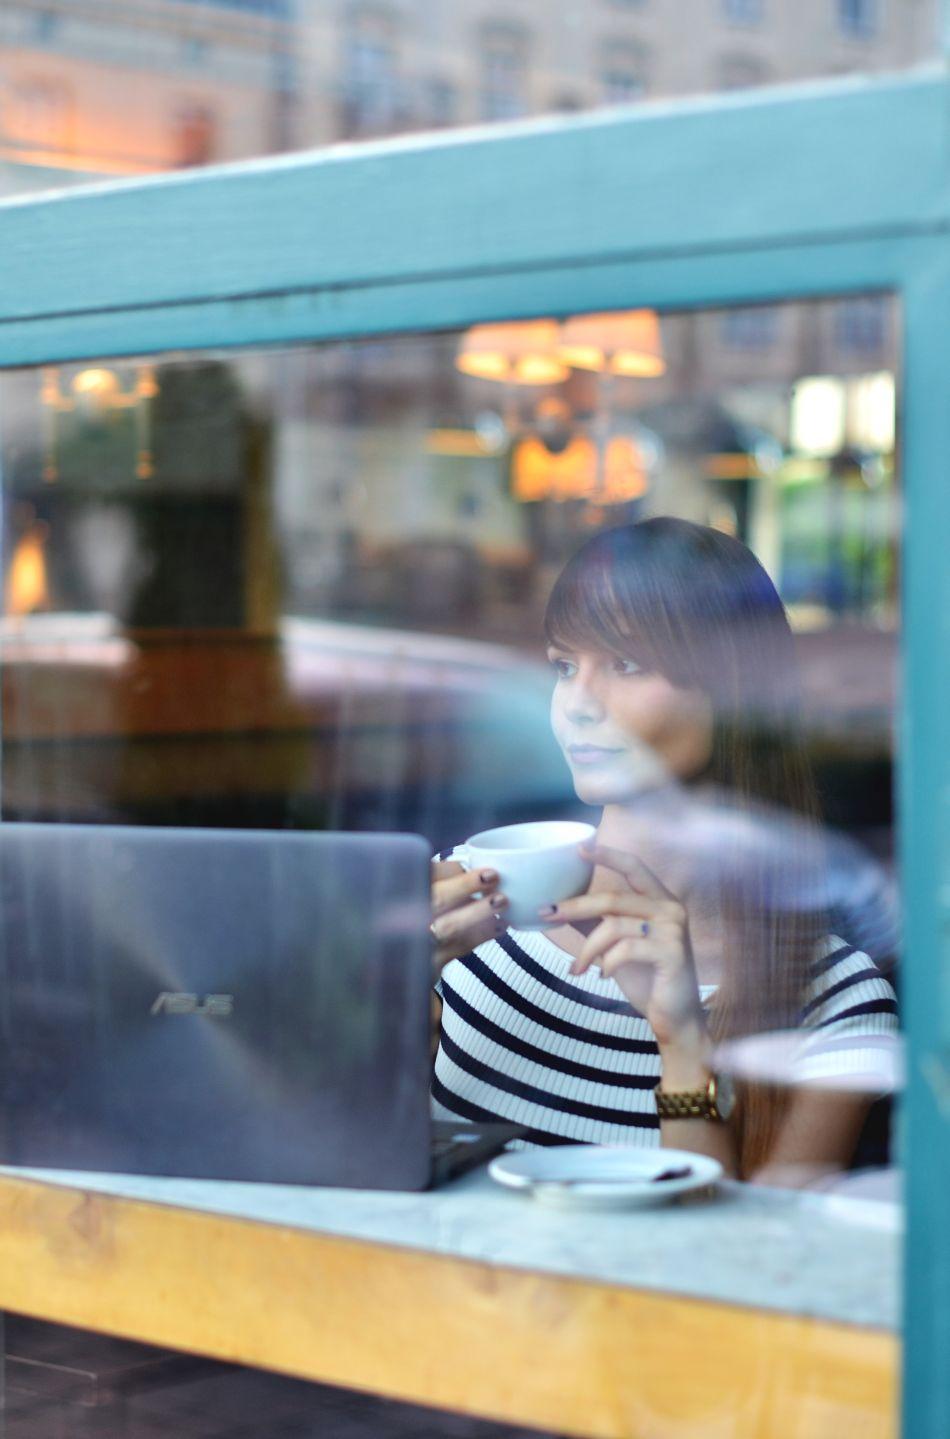 sniadania w krakowie | kawa charlotte | blog moda krakow